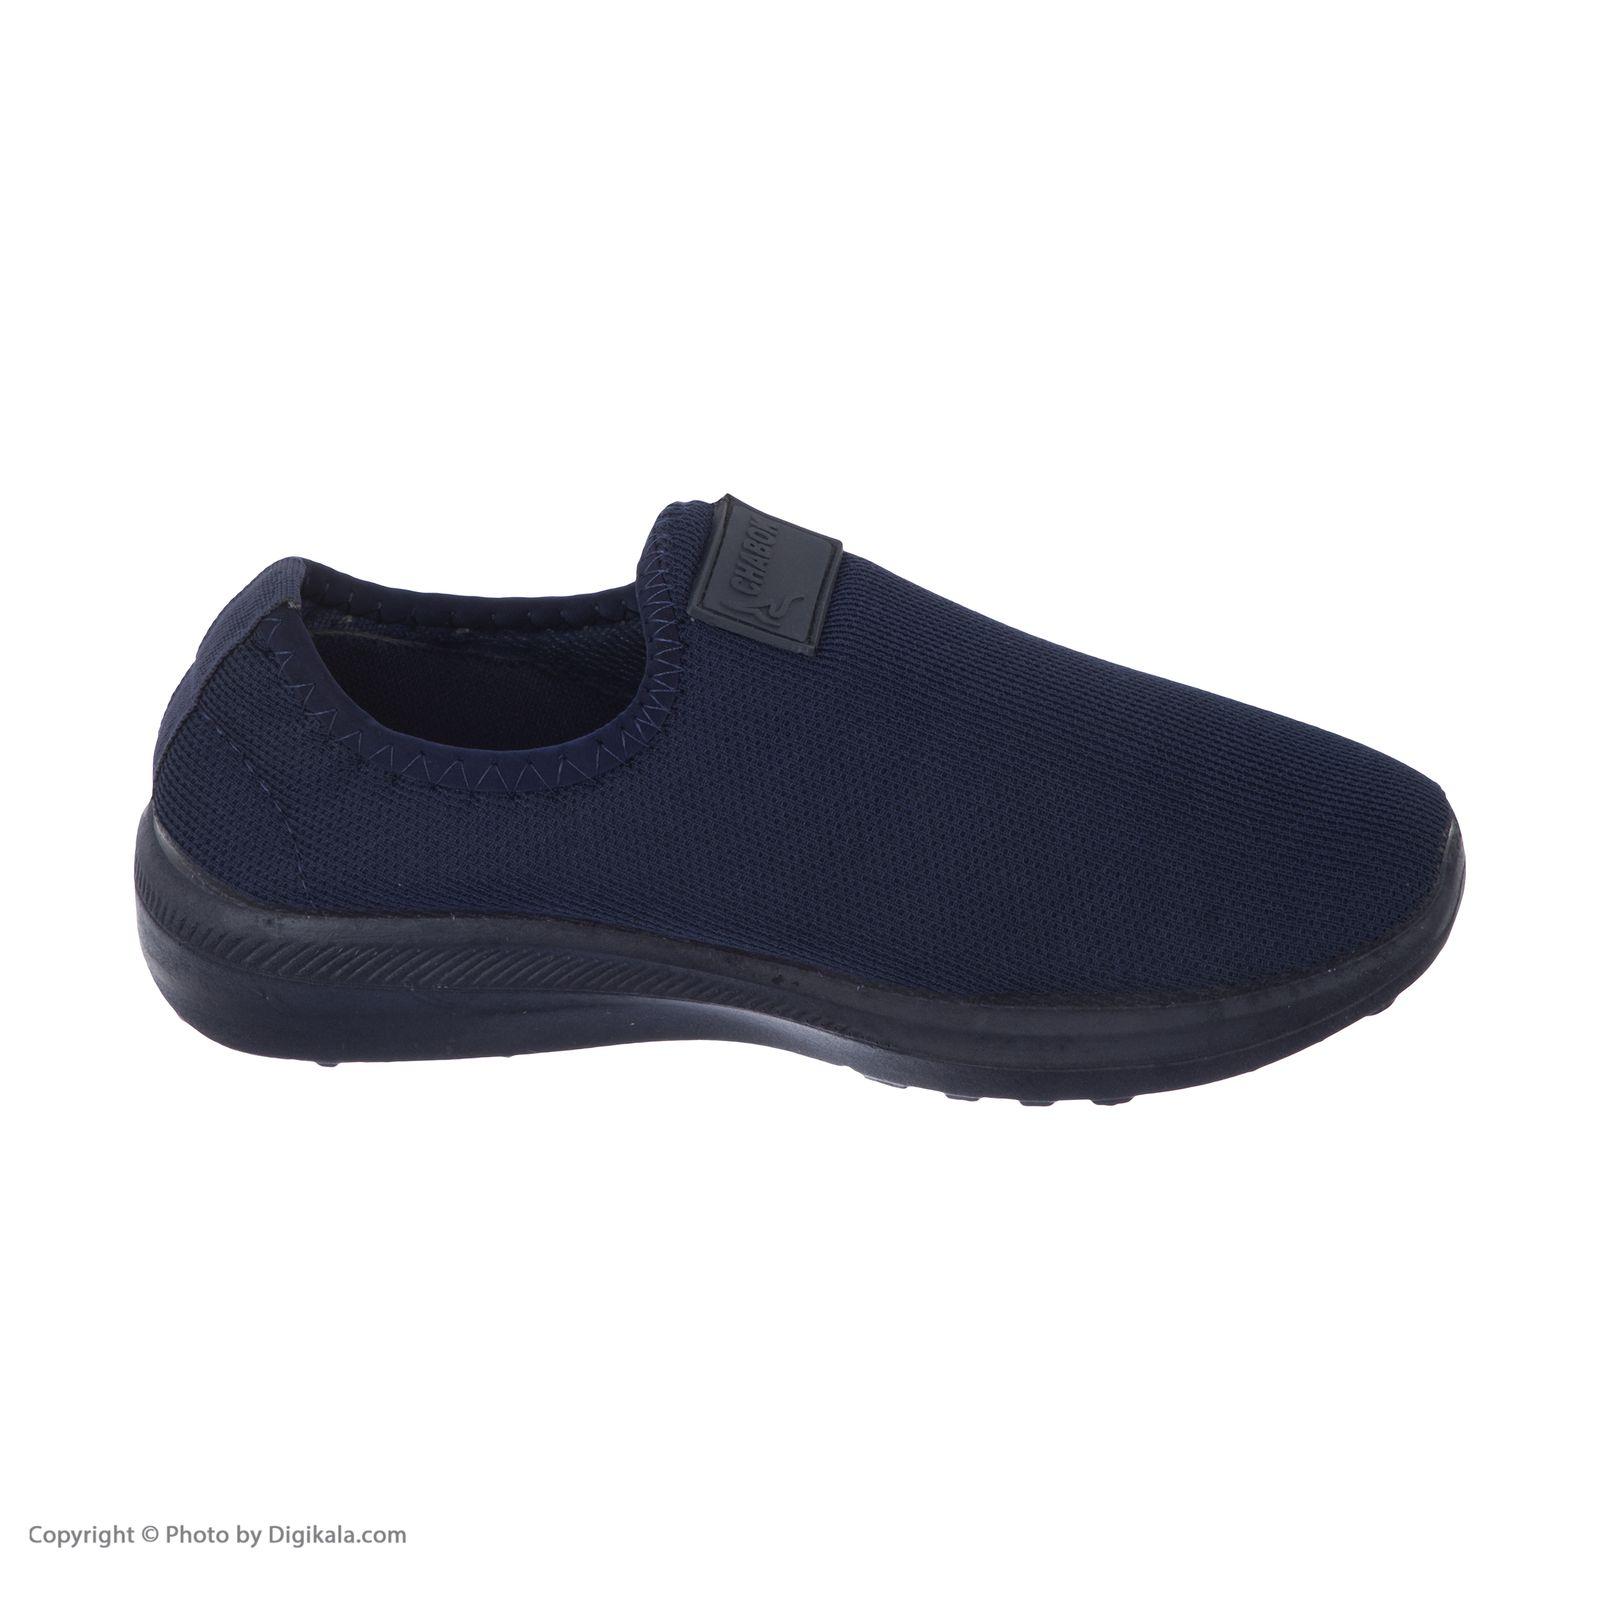 کفش راحتی چابک مدل رامش رنگ سرمه ای -  - 5